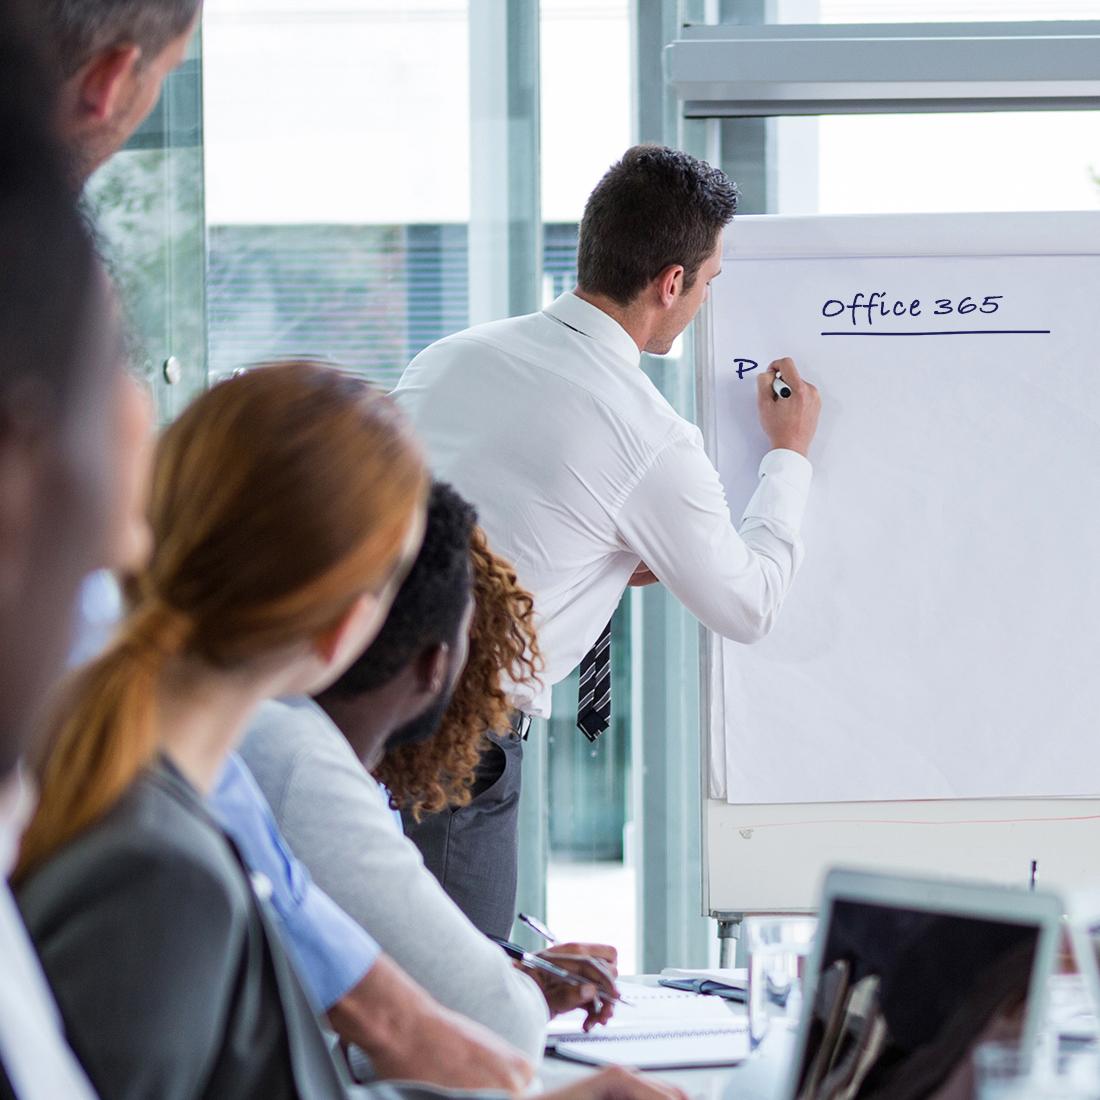 Ein Mann steht vor einem Flipchart im Büro und erklärt Leuten etwas zu Office 365.